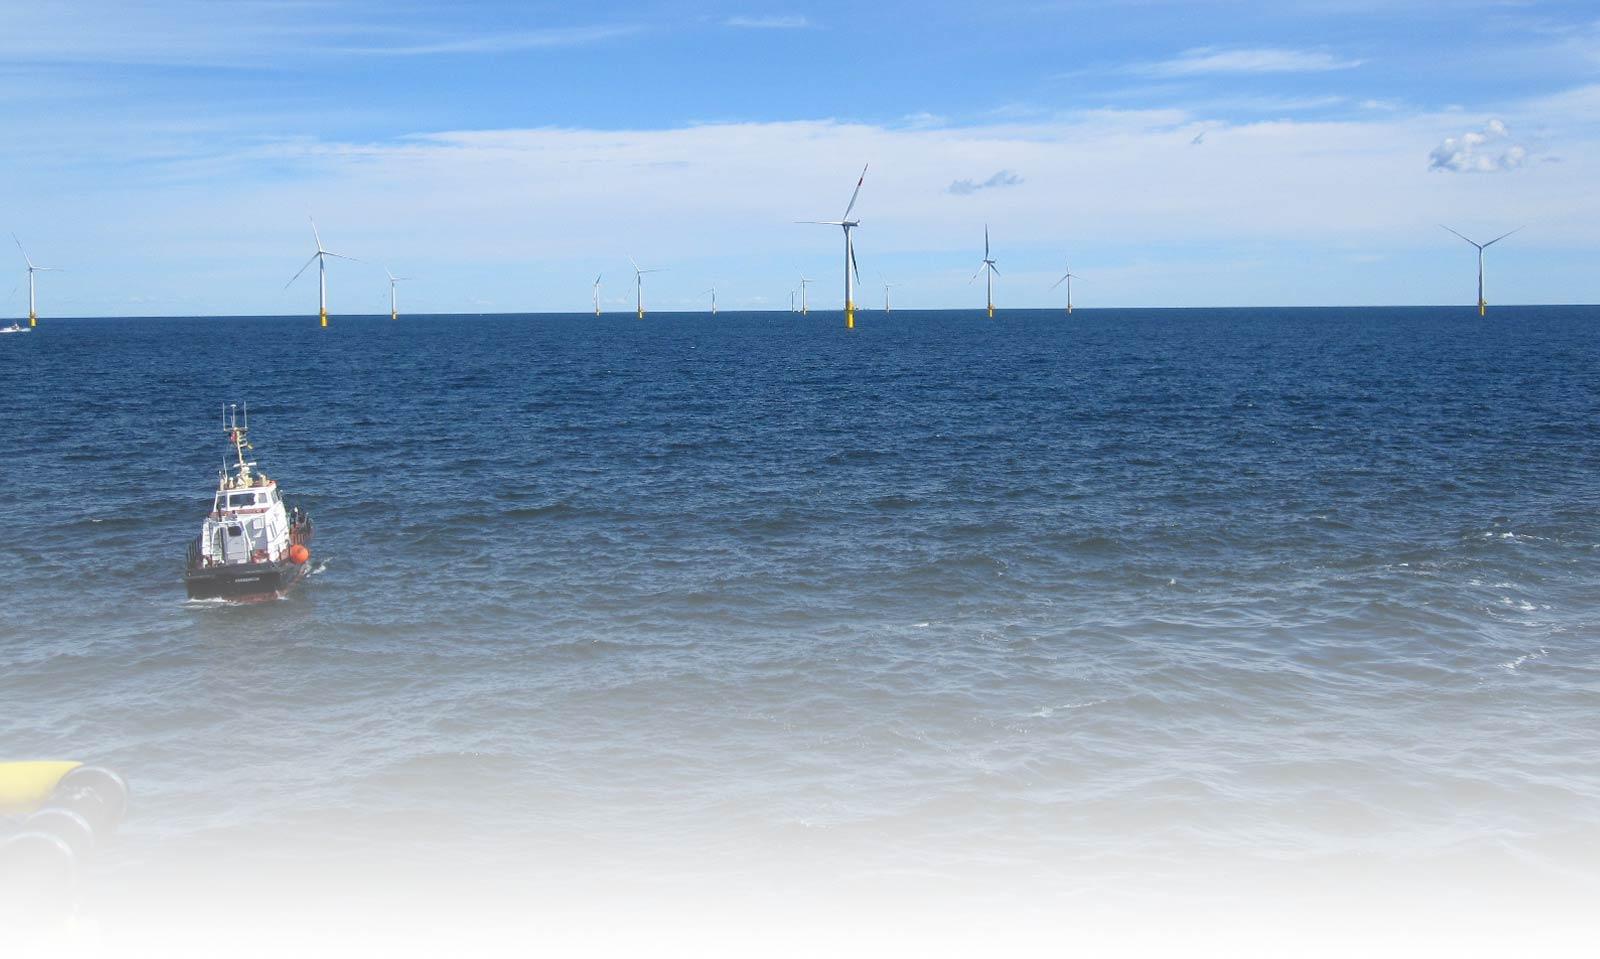 Windforce matchmaking